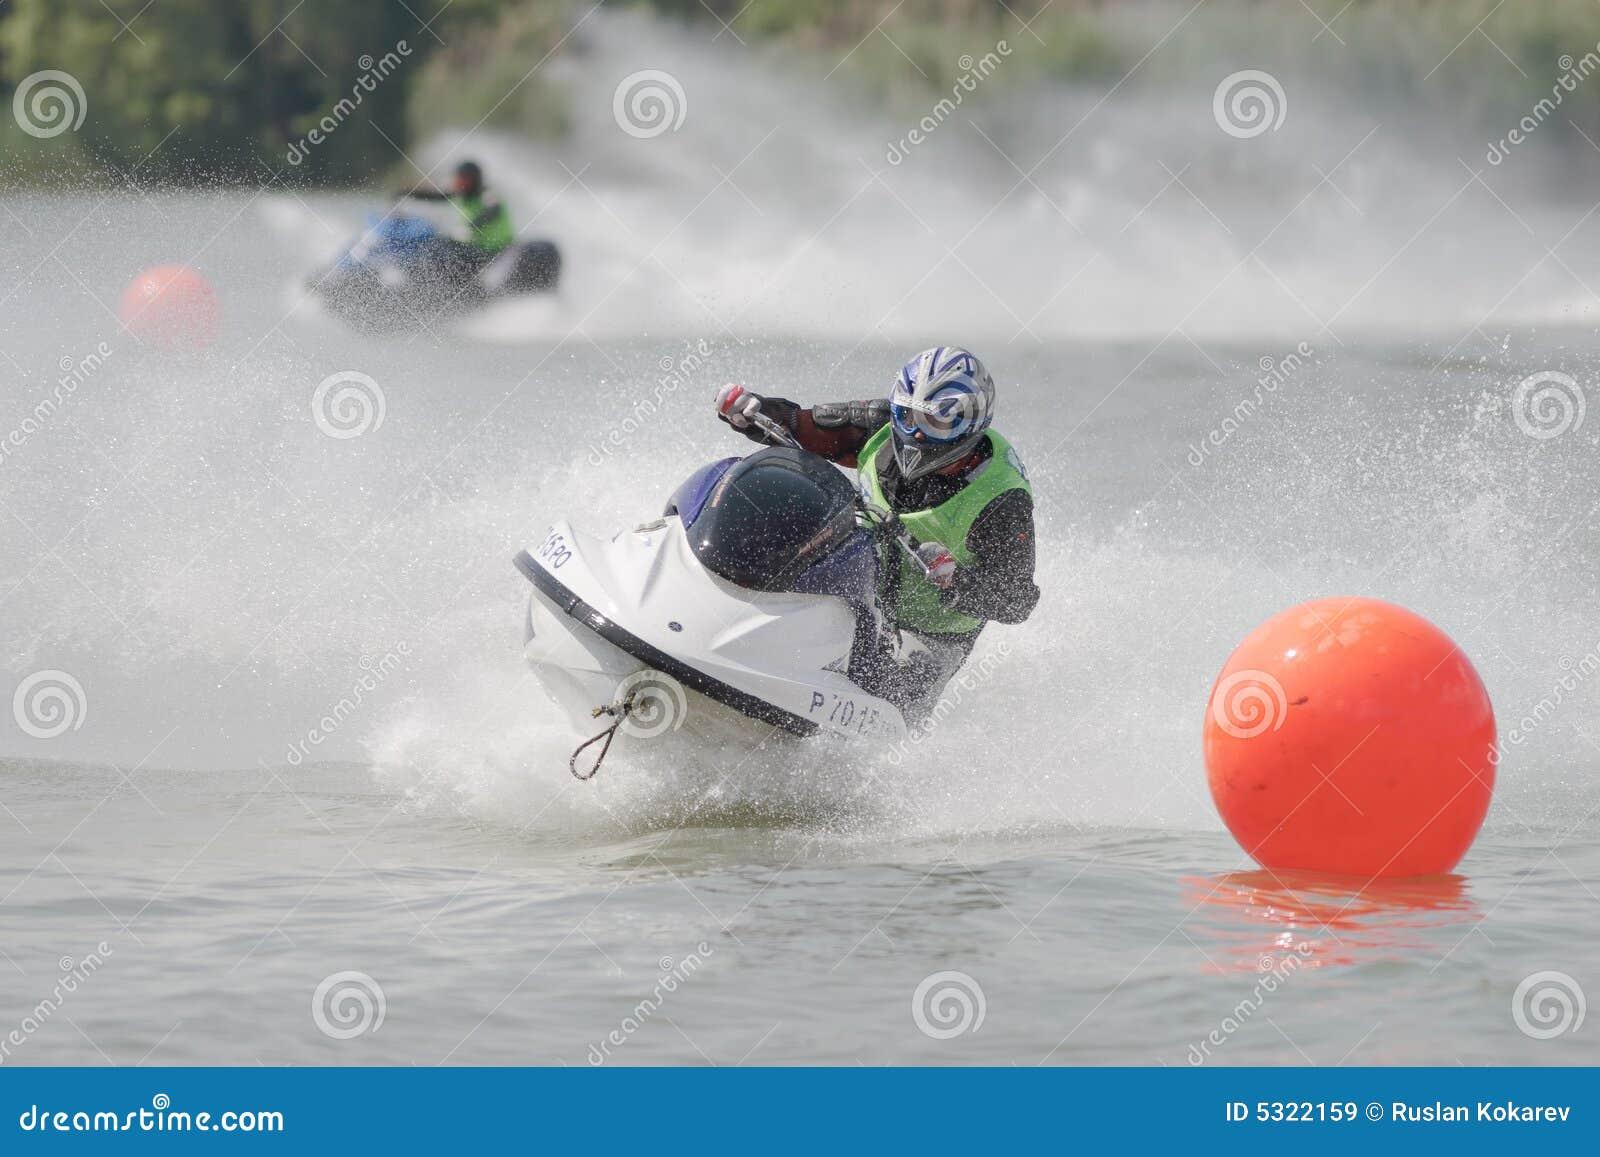 Download Campionato di Aquabike. immagine stock editoriale. Immagine di campionato - 5322159